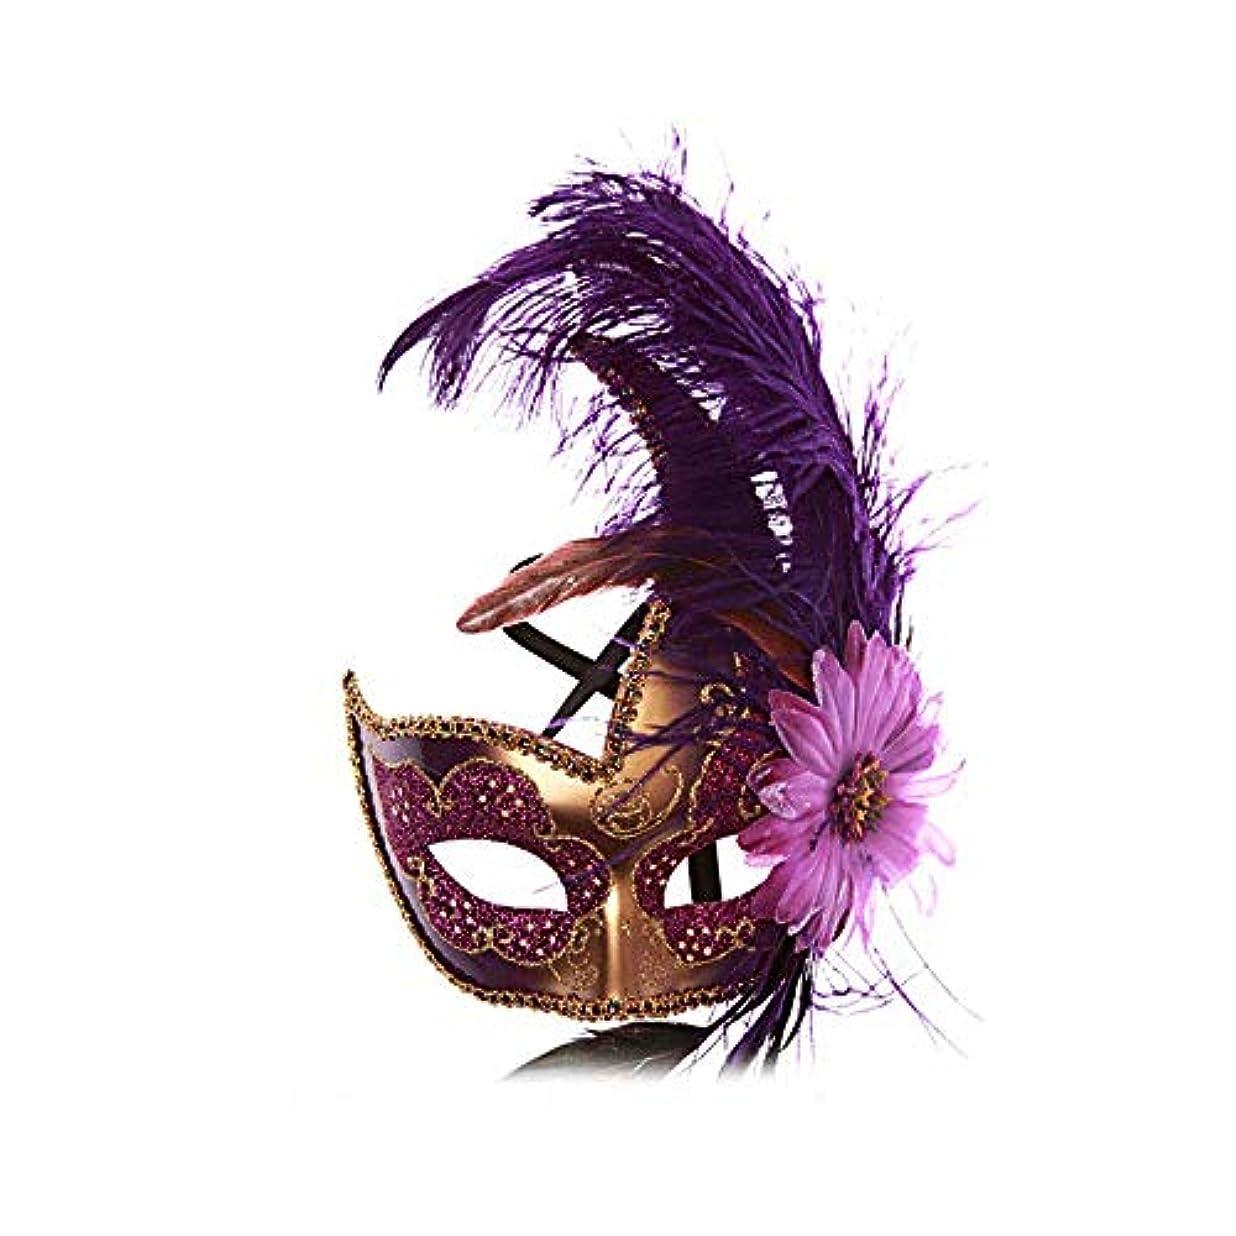 哀フィード抑圧Nanle ハロウィンマスクハーフフェザーマスクベニスプリンセスマスク美容レース仮面ライダーコスプレ (色 : Style B purple)